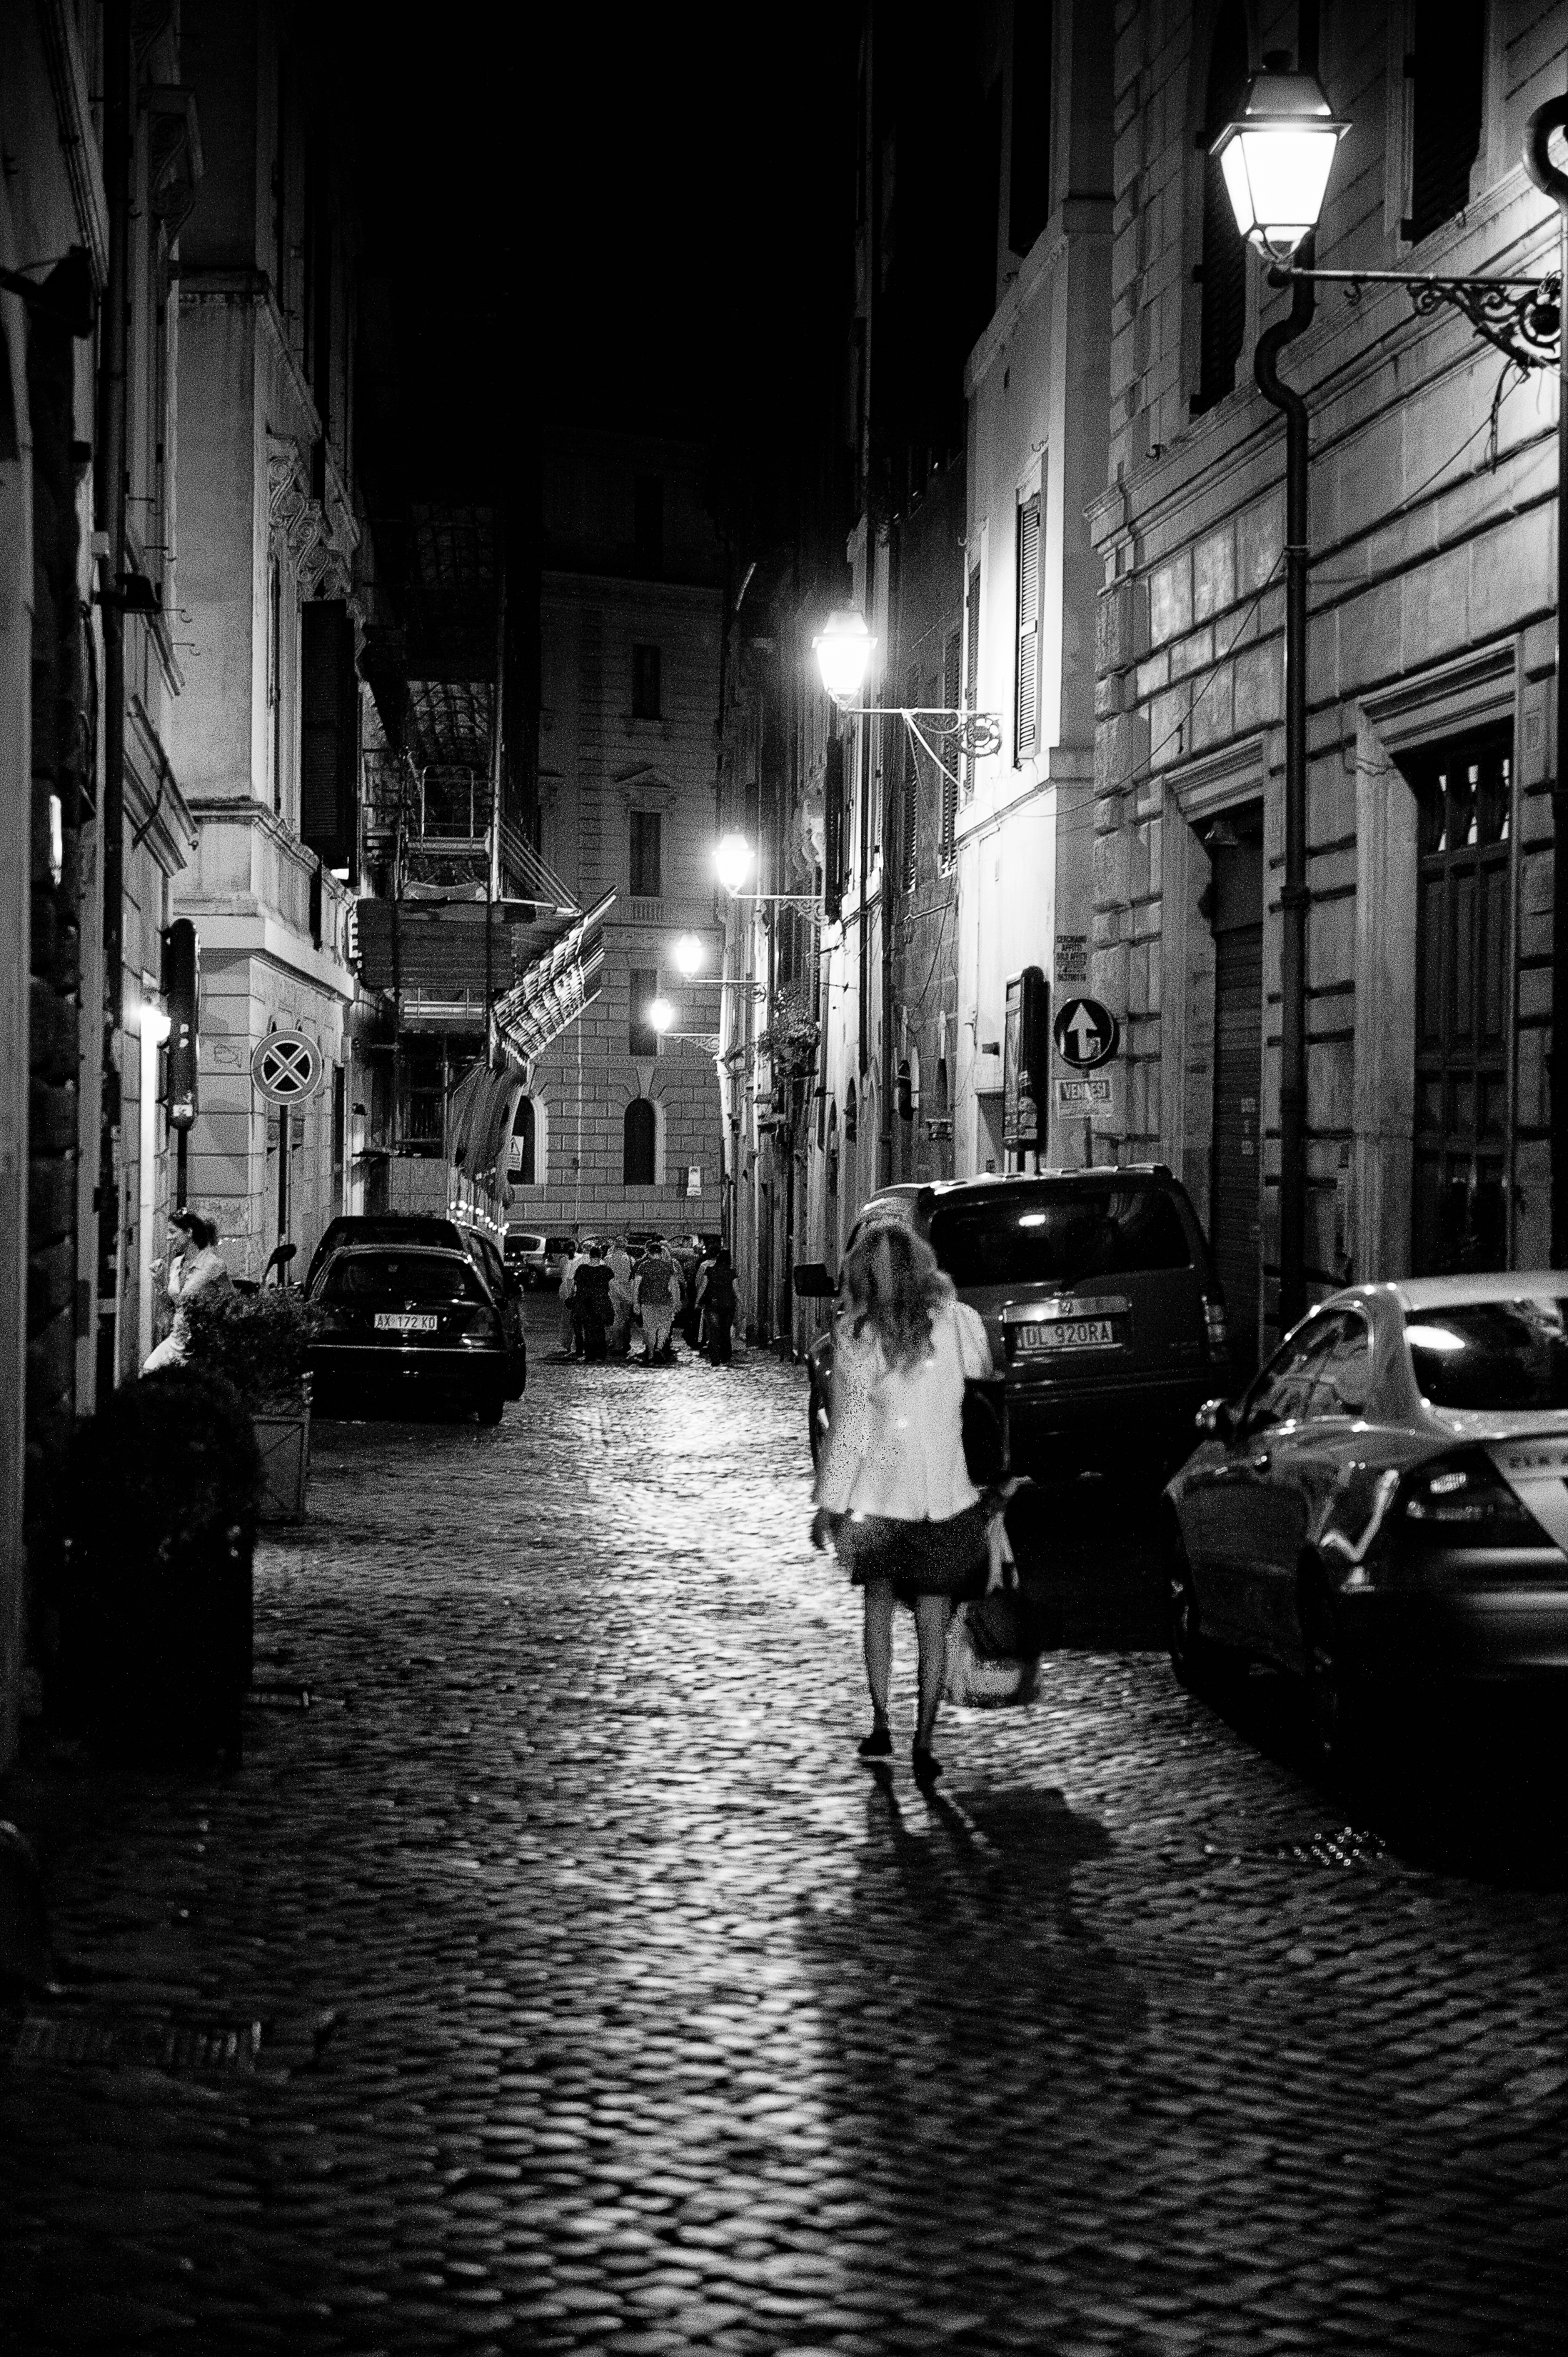 Italy-John Bardell-0796.jpg